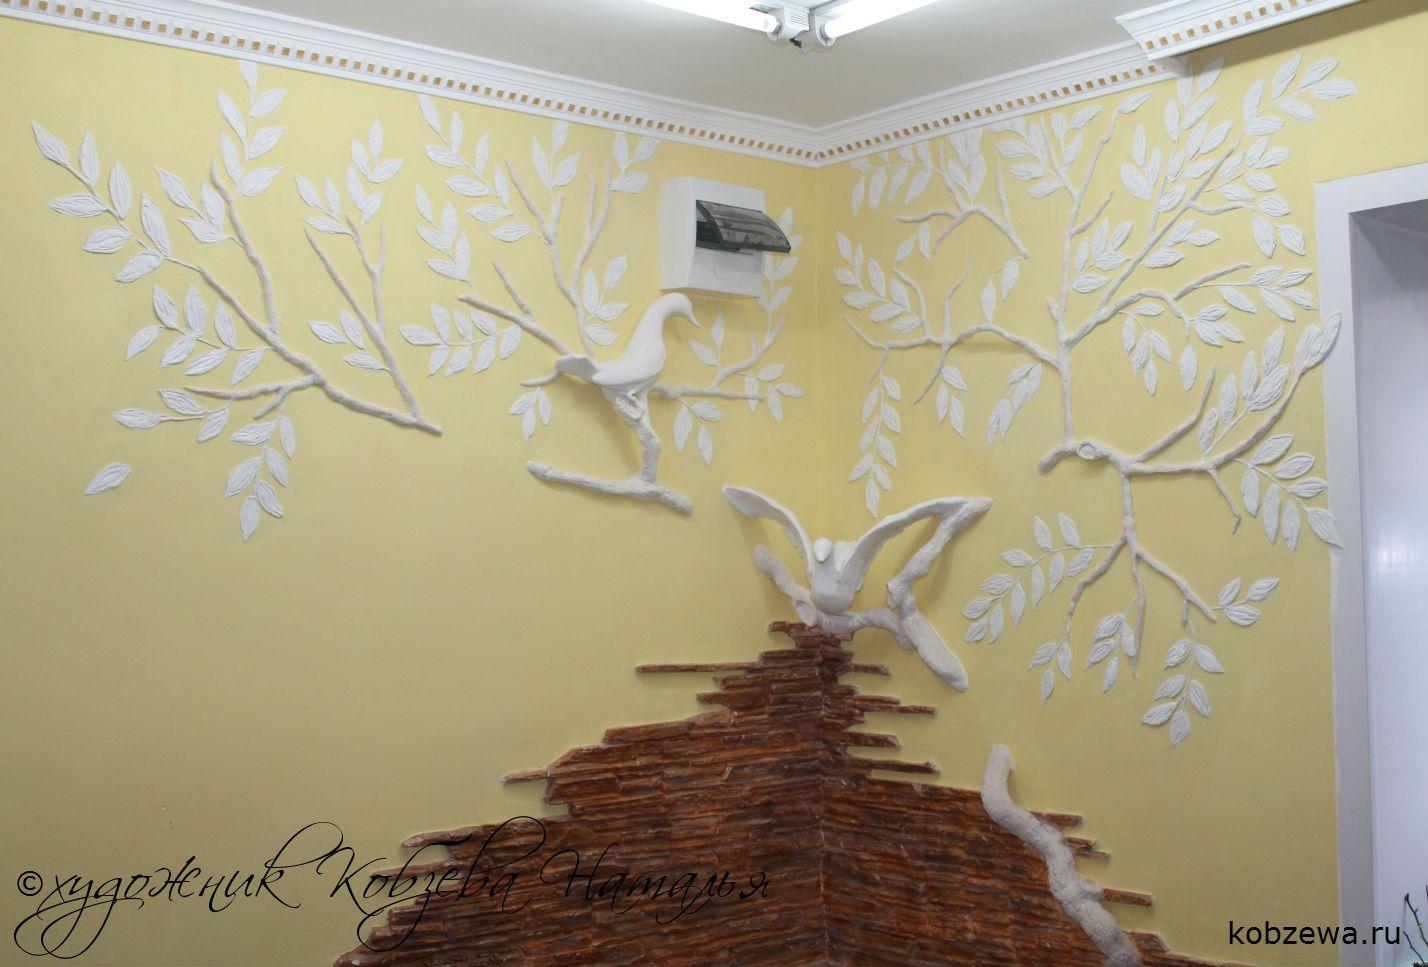 барельеф дерево и птицы | Барельефы (гипсовая лепнина) | Pinterest